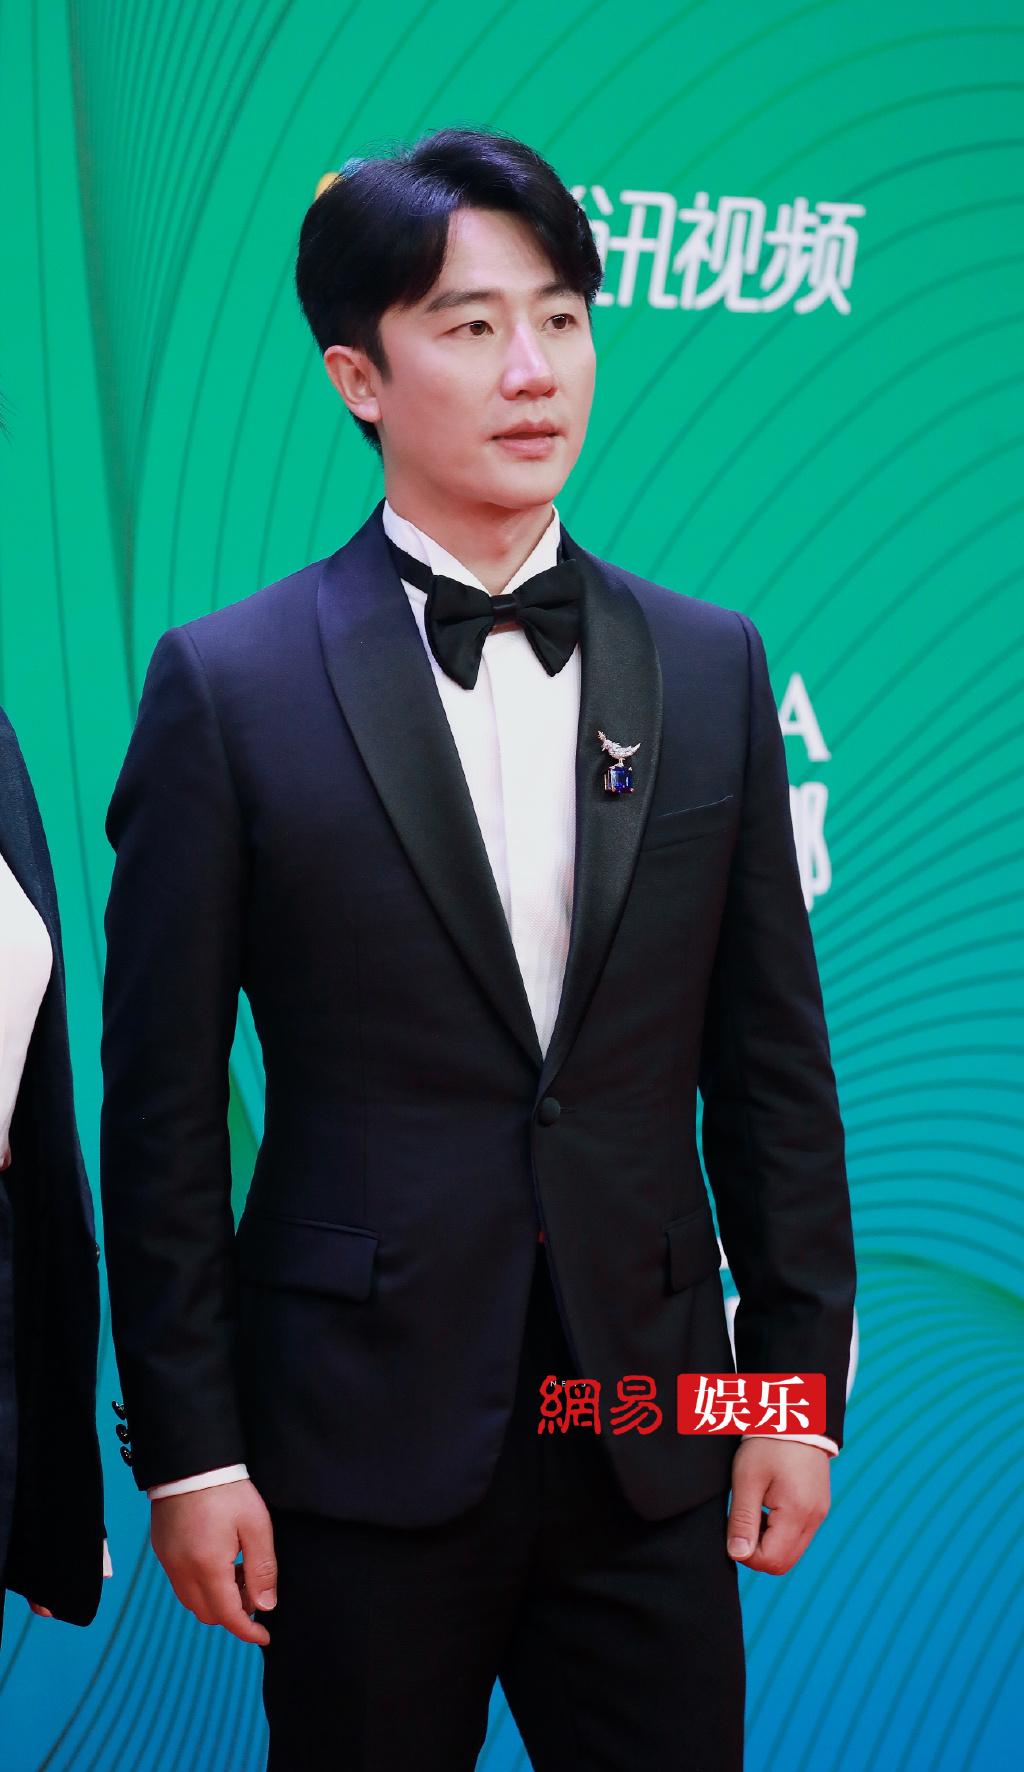 Hoàng Hiên gây bất ngờ với hình ảnh tăng cân, phát tướng trên thảm đỏ.